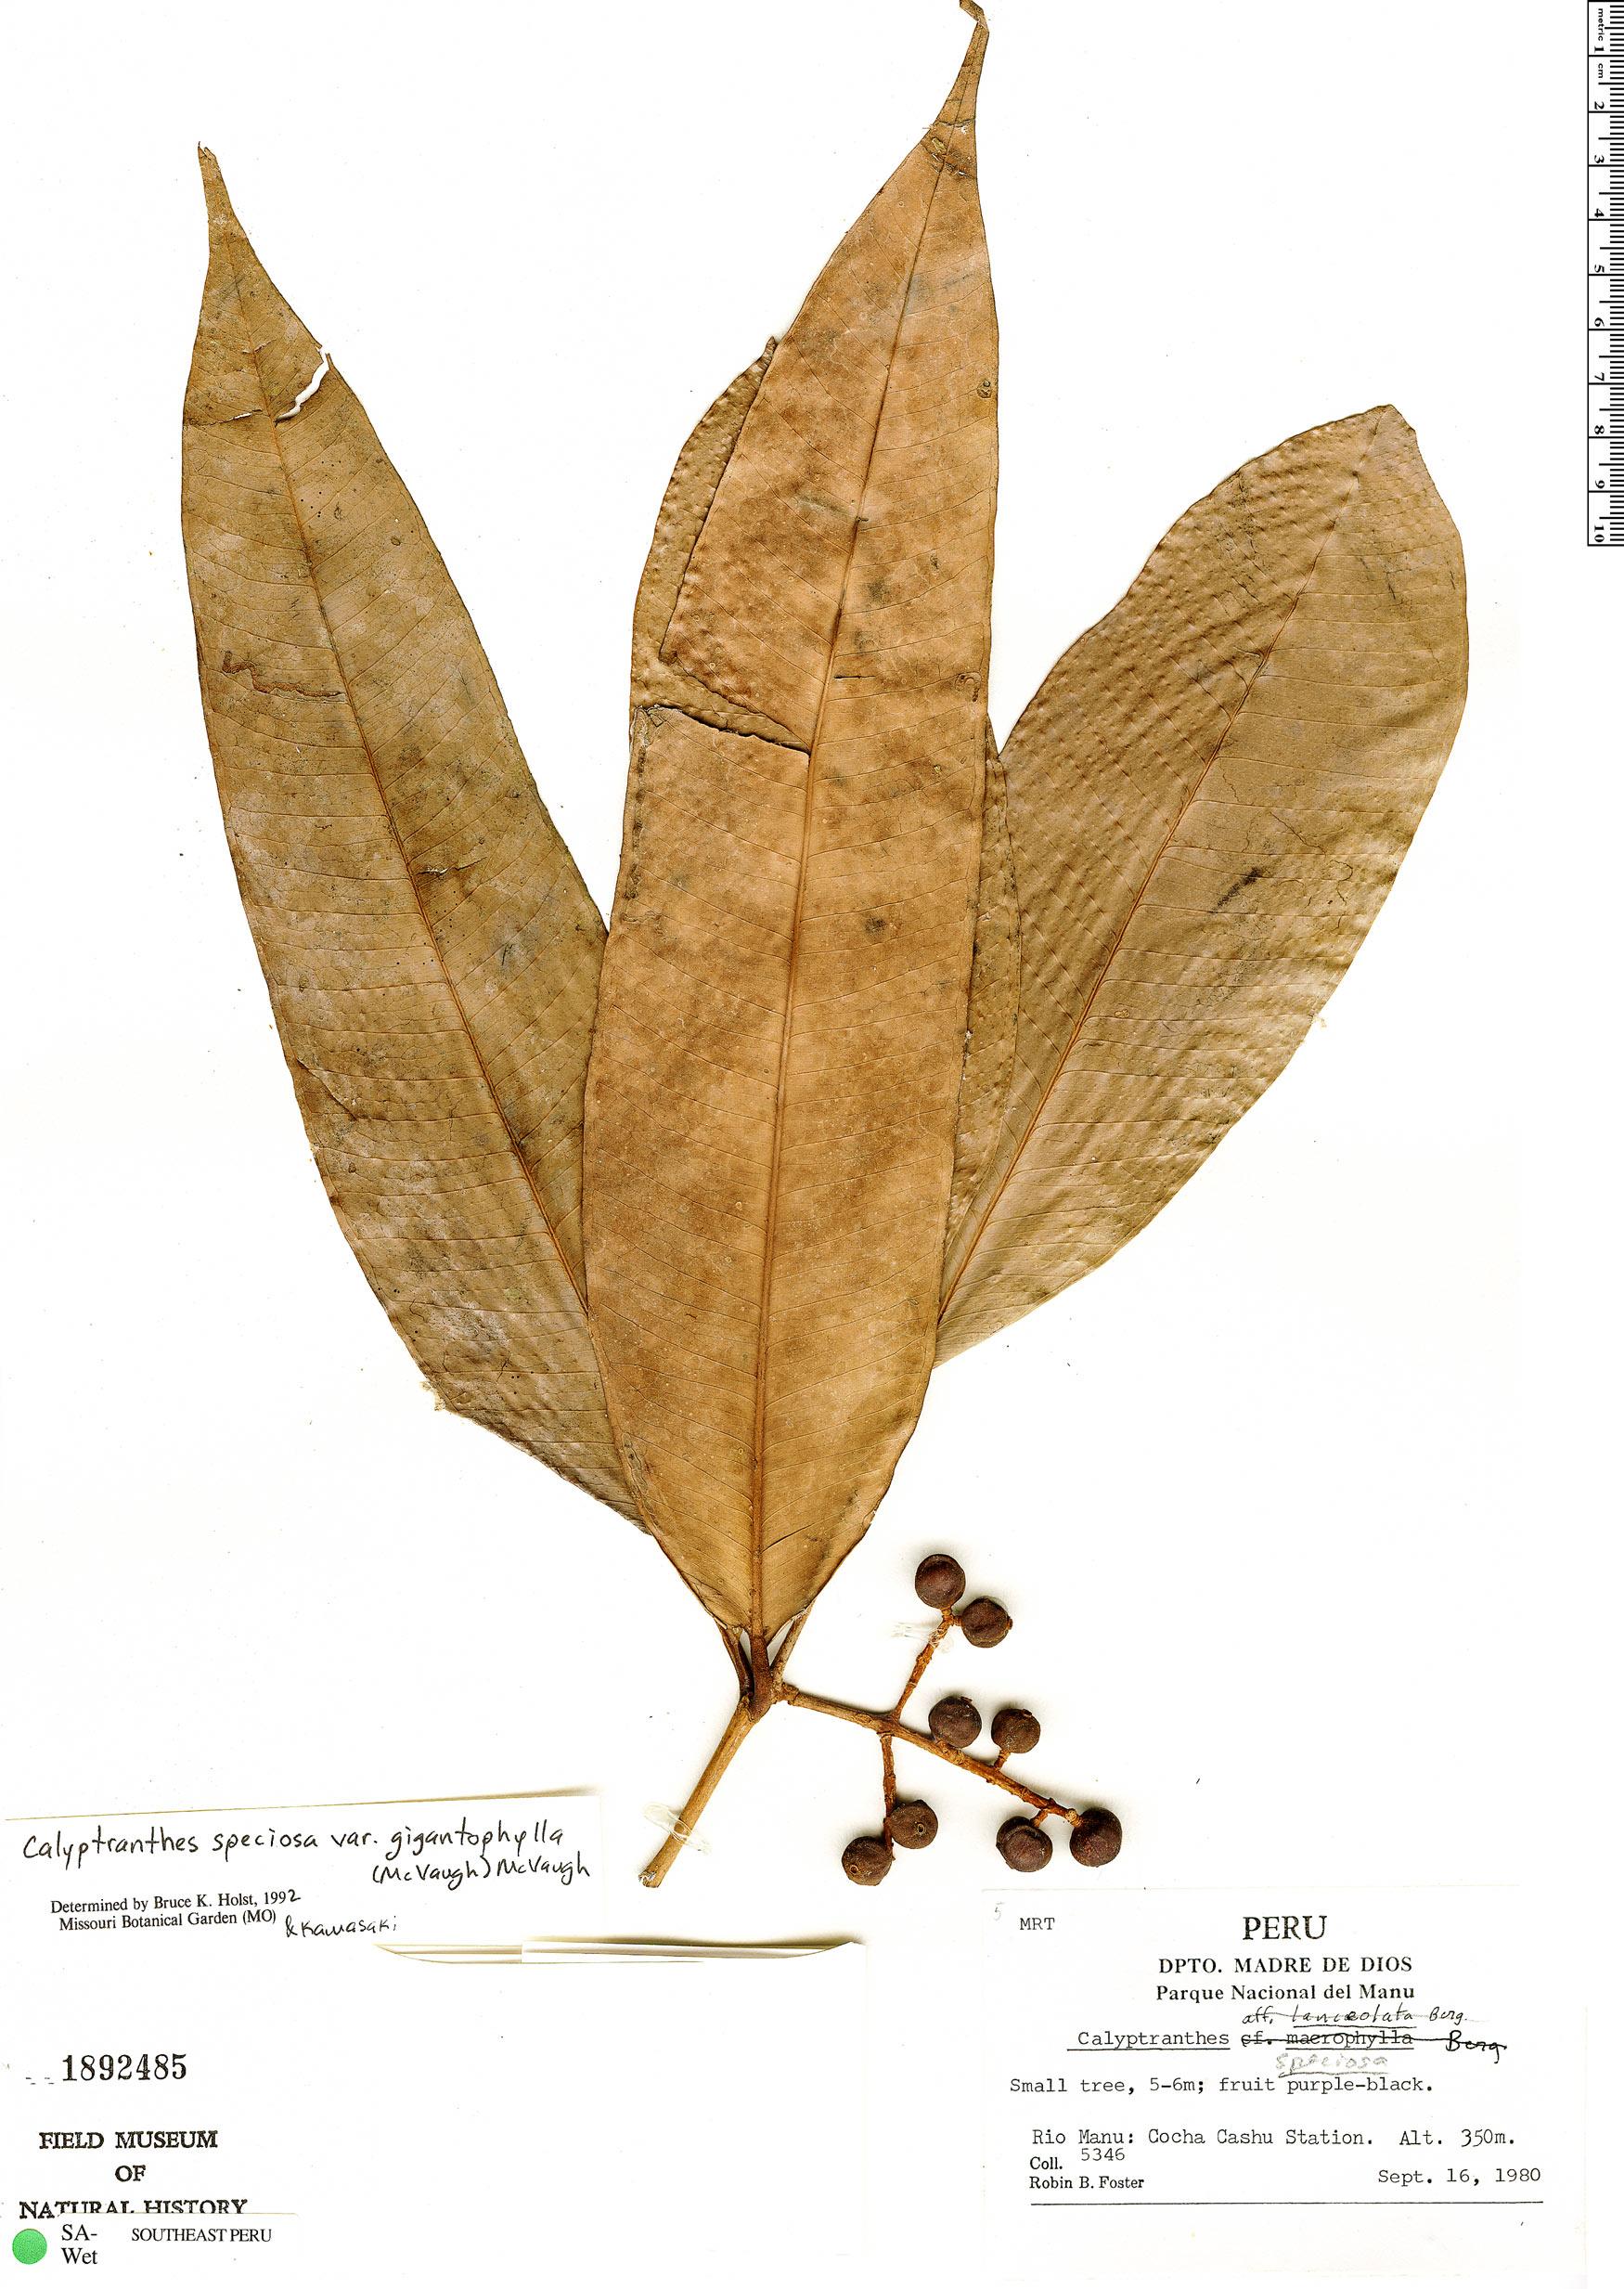 Espécime: Calyptranthes speciosa